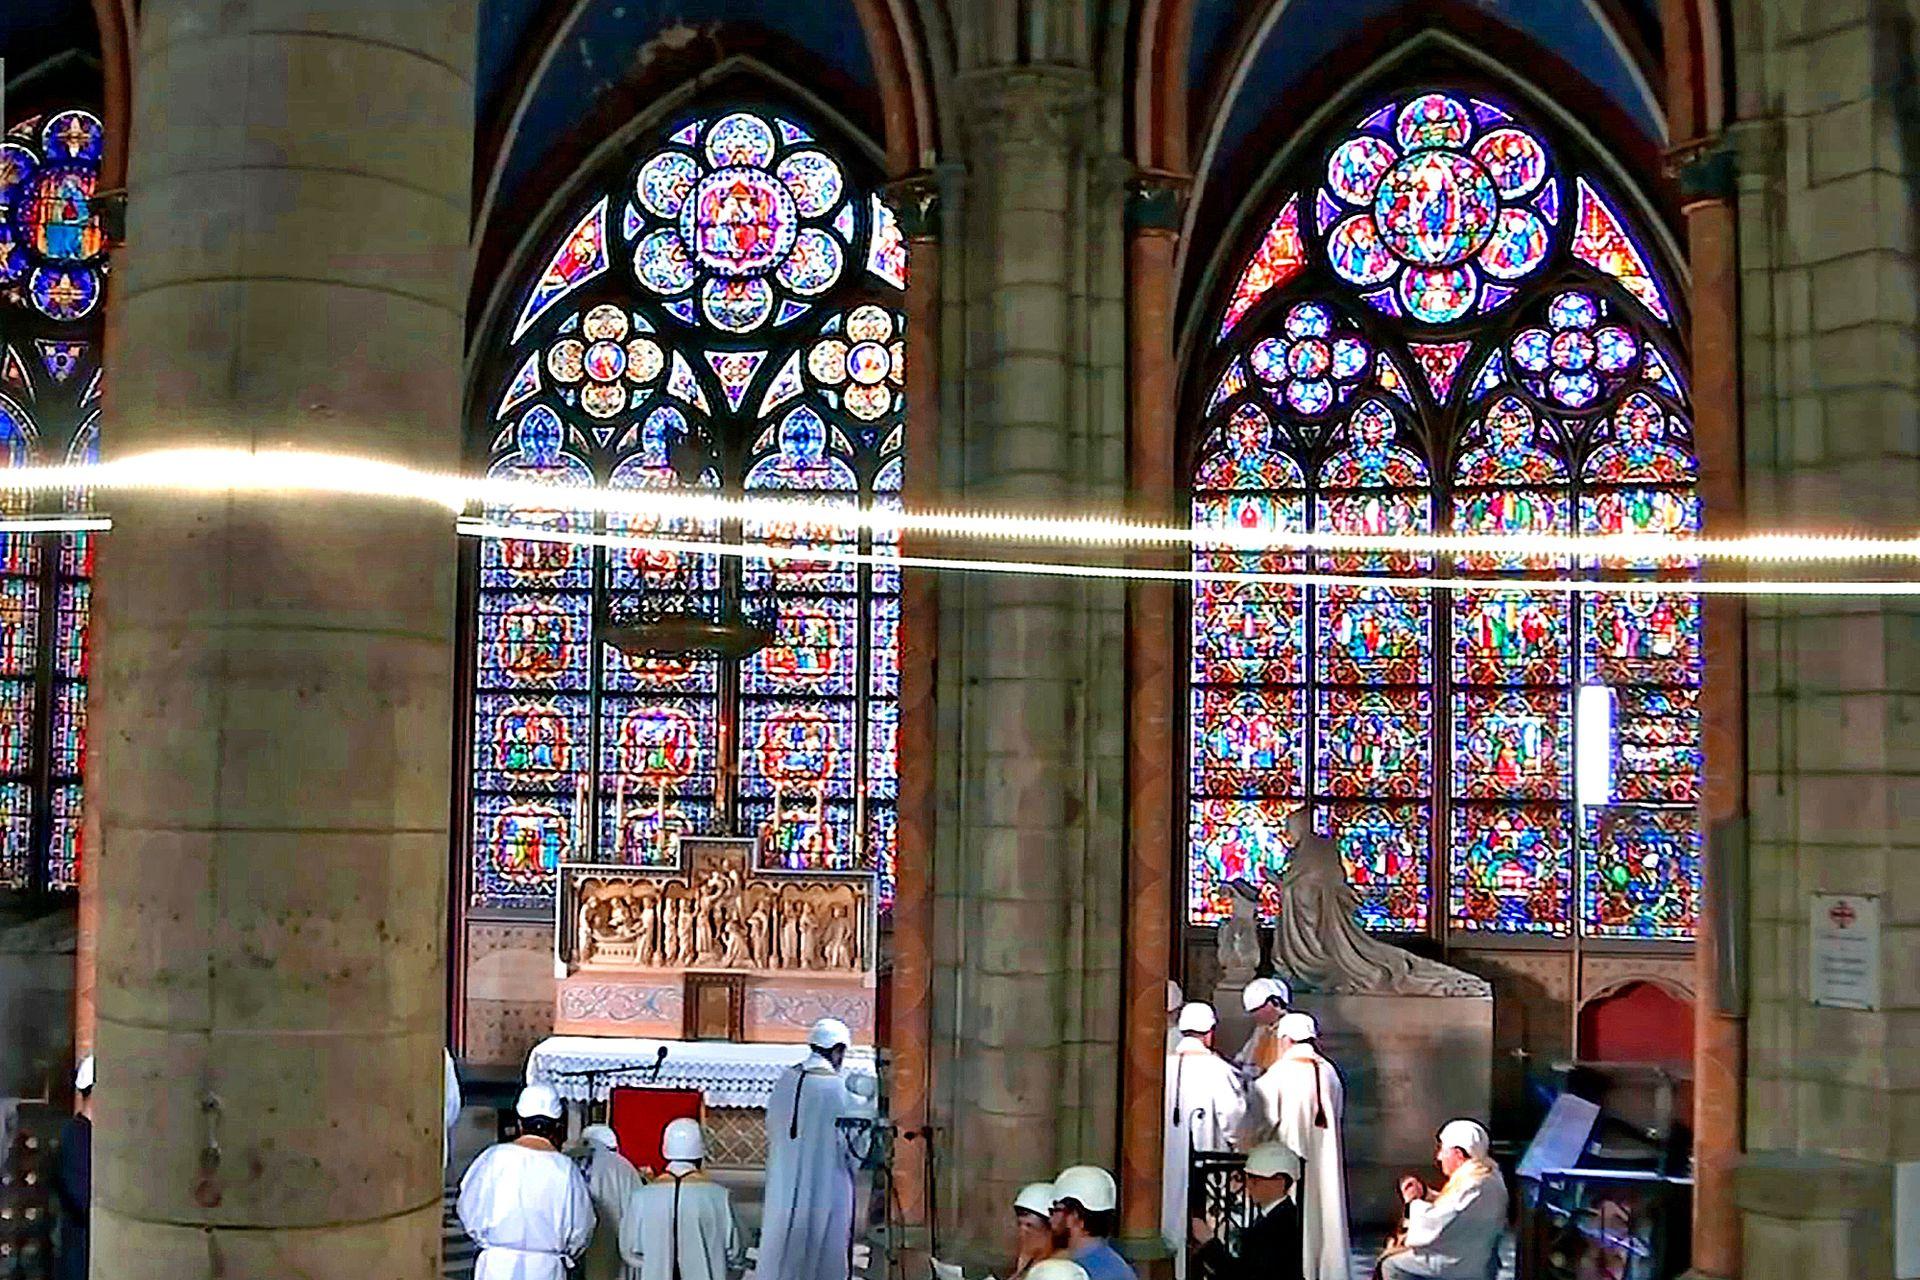 Michel Aupetit, Arzobispo de París, utilizó un casco rígido. Los restos de madera quemada aún son visibles y solo ingresaron unas 30 personas al templo